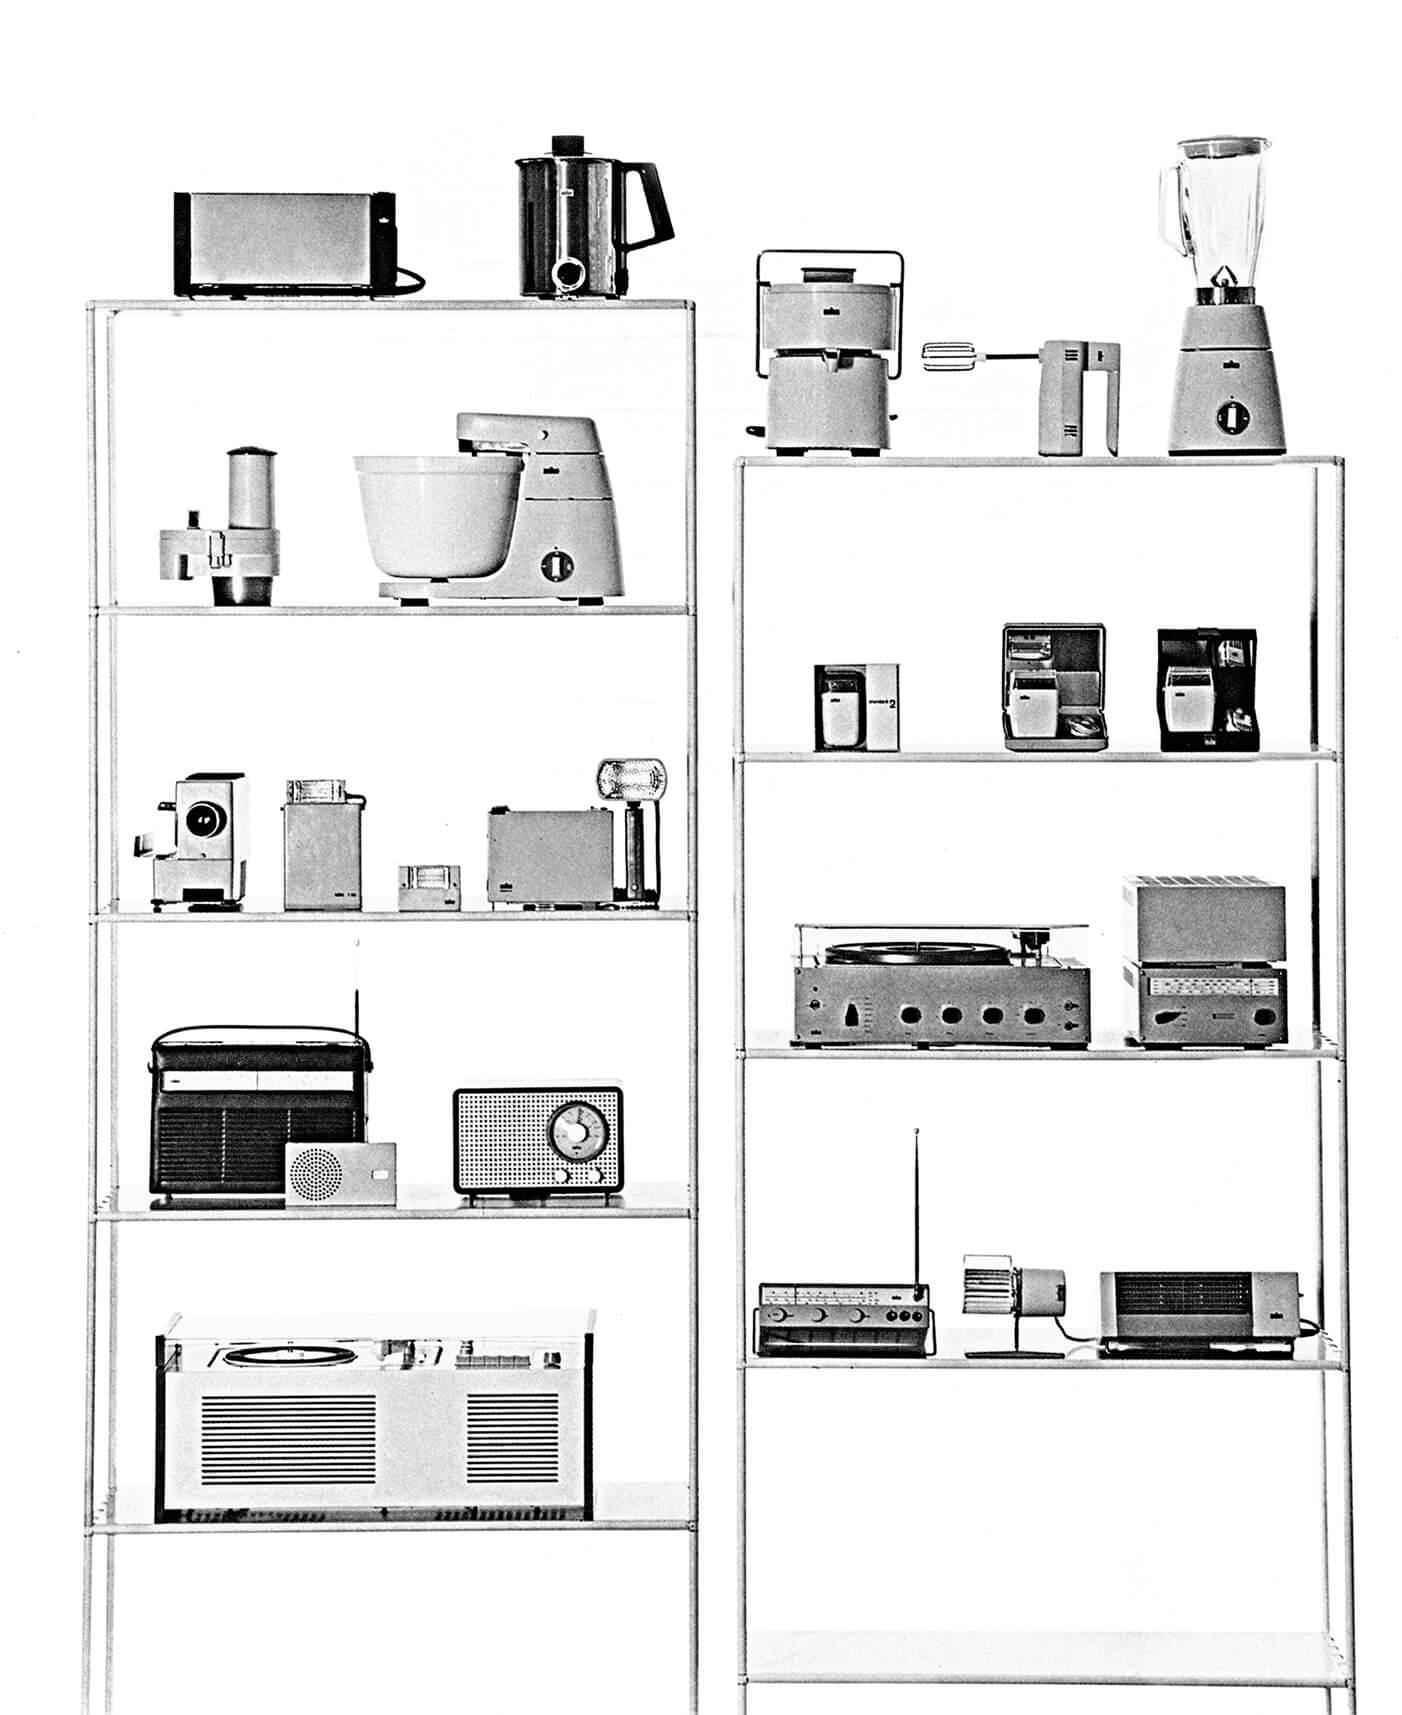 ディーター・ラムスによる<br>良いデザイン10ヶ条